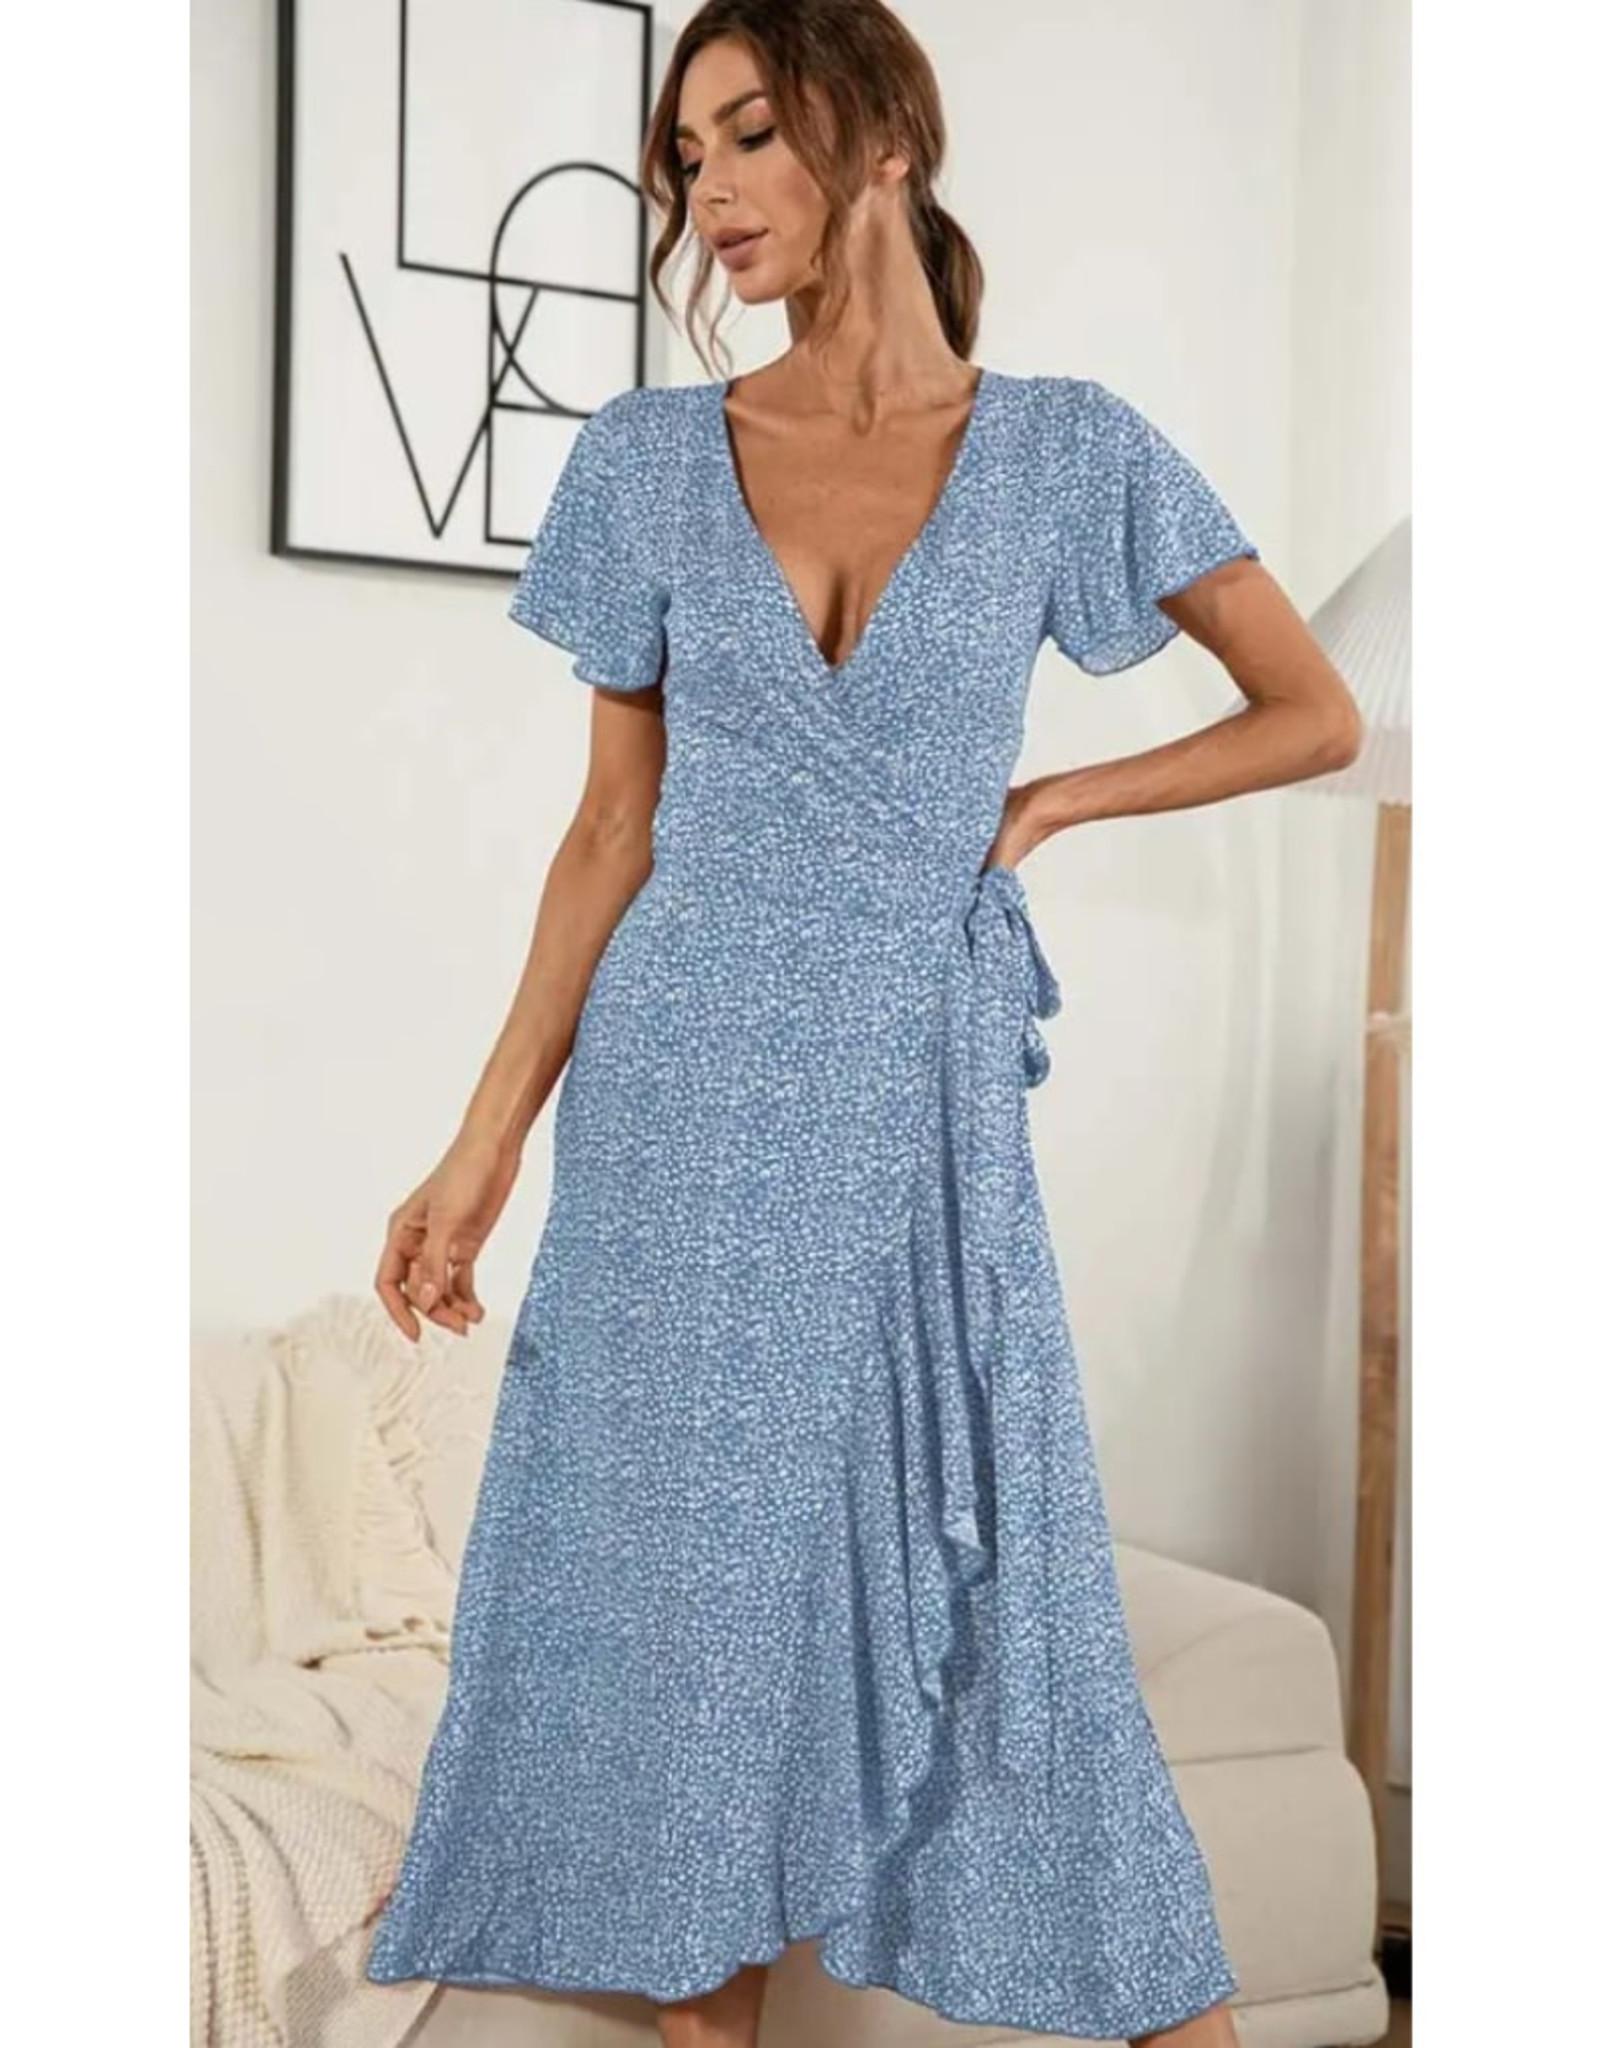 Floral Print Wrap Midi Dress - Blue